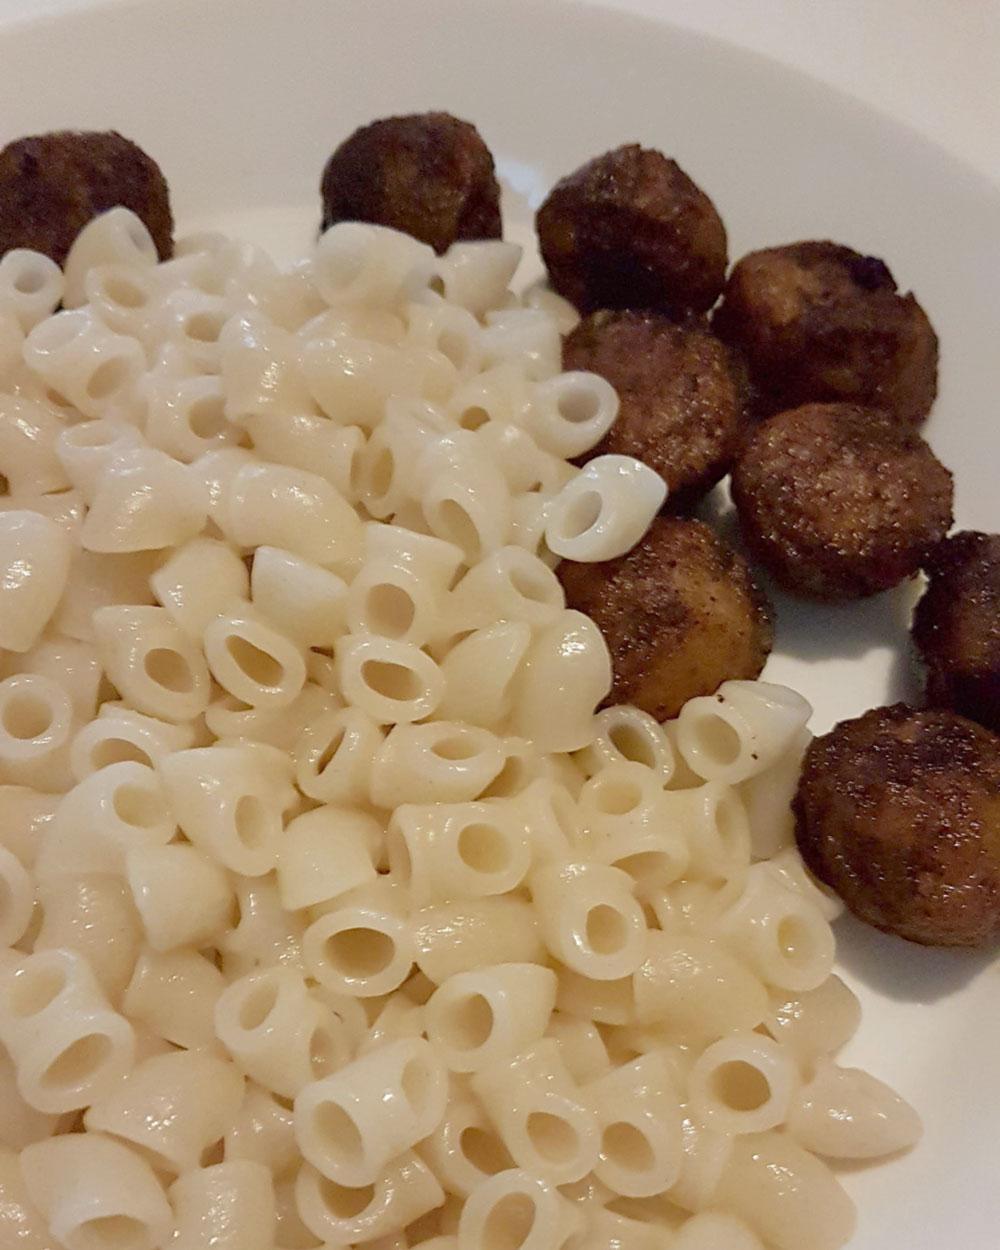 Helen J Holmberg - rensa frysen middag felix delikatessköttbullar med makaroner